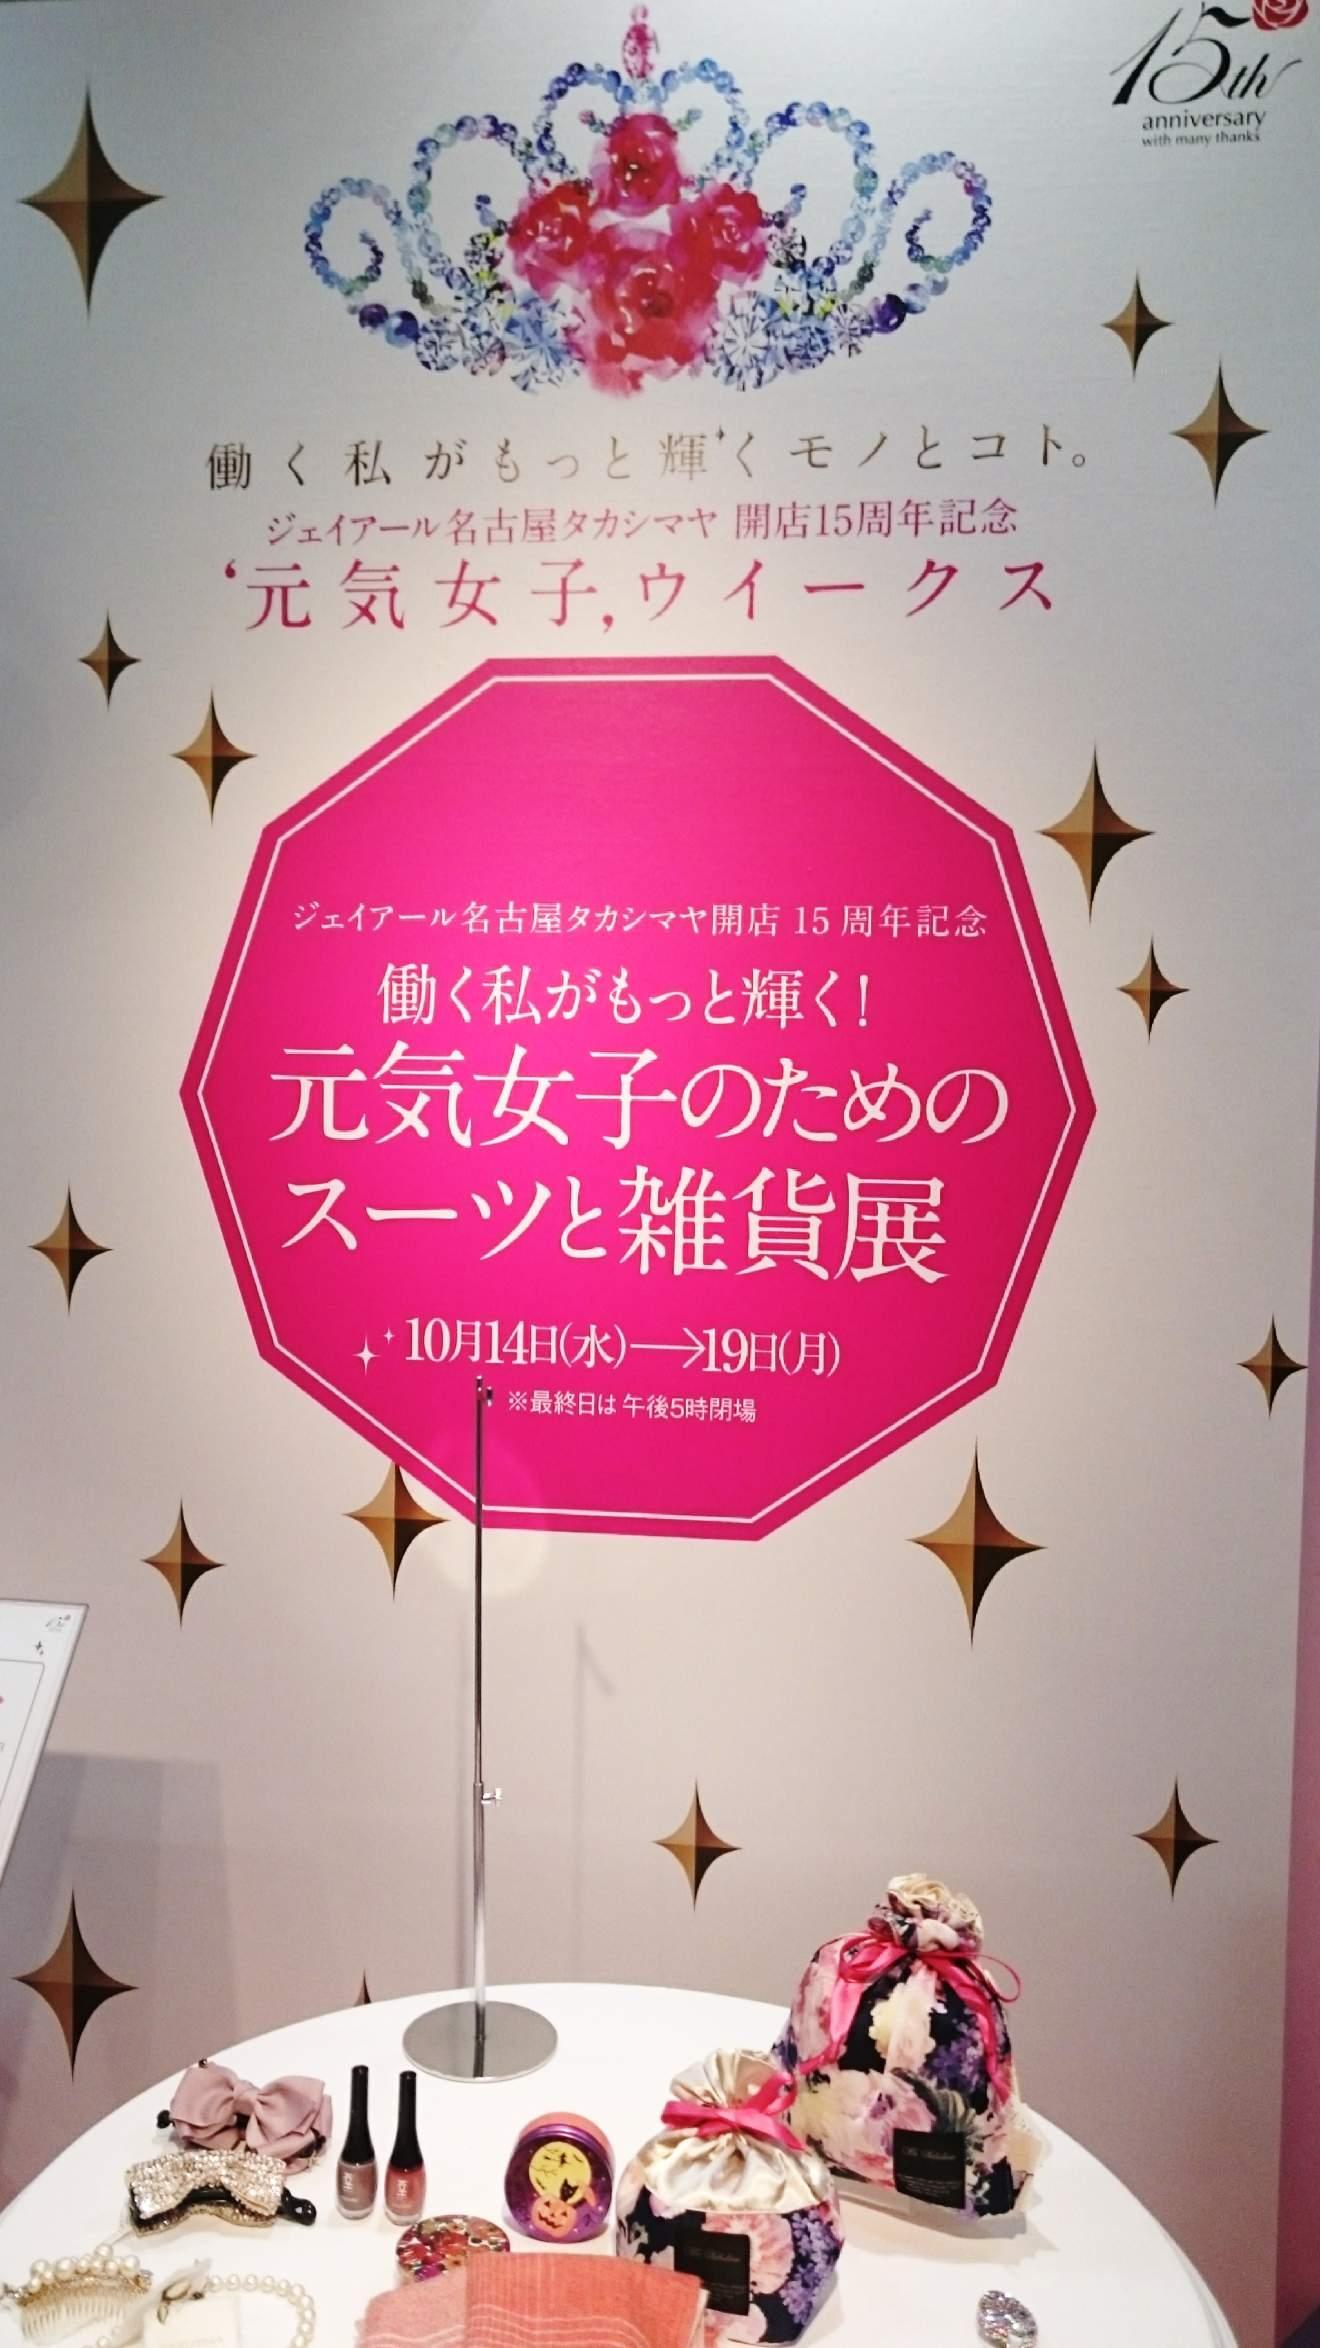 名古屋高島屋で開催中『元気女子,ウィークス』お得情報あります♪